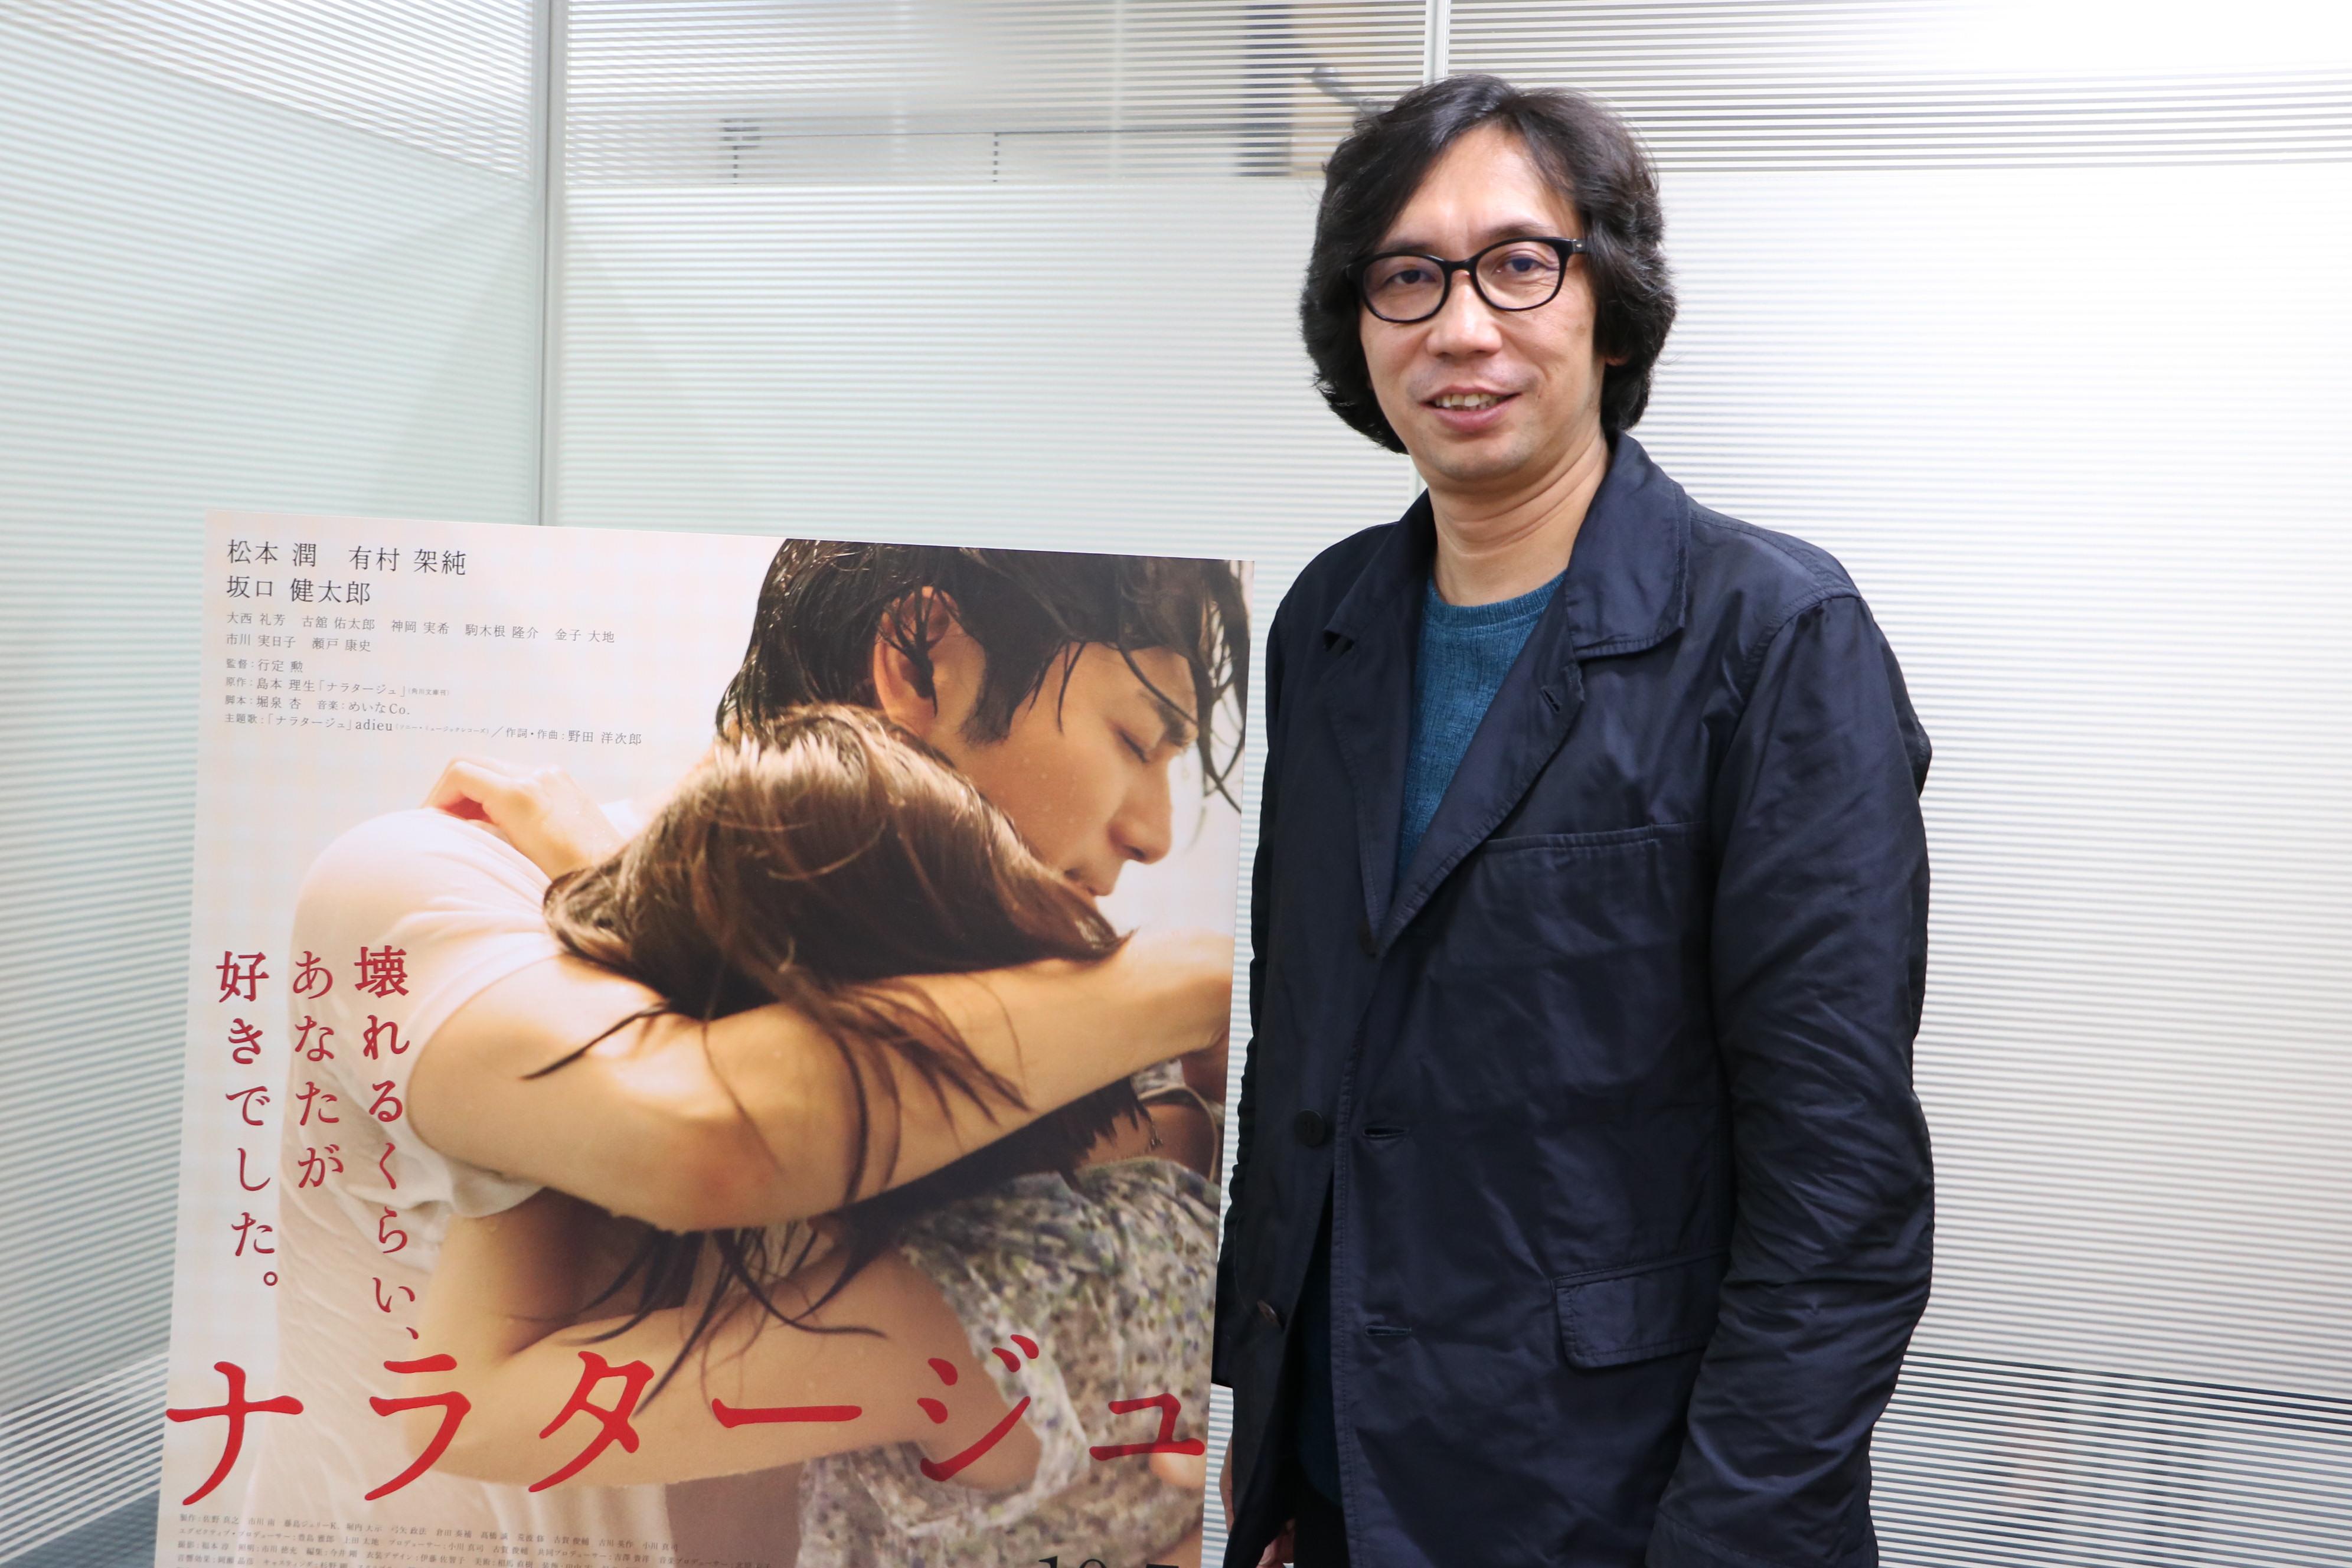 映画監督・行定勲さんにインタビュー